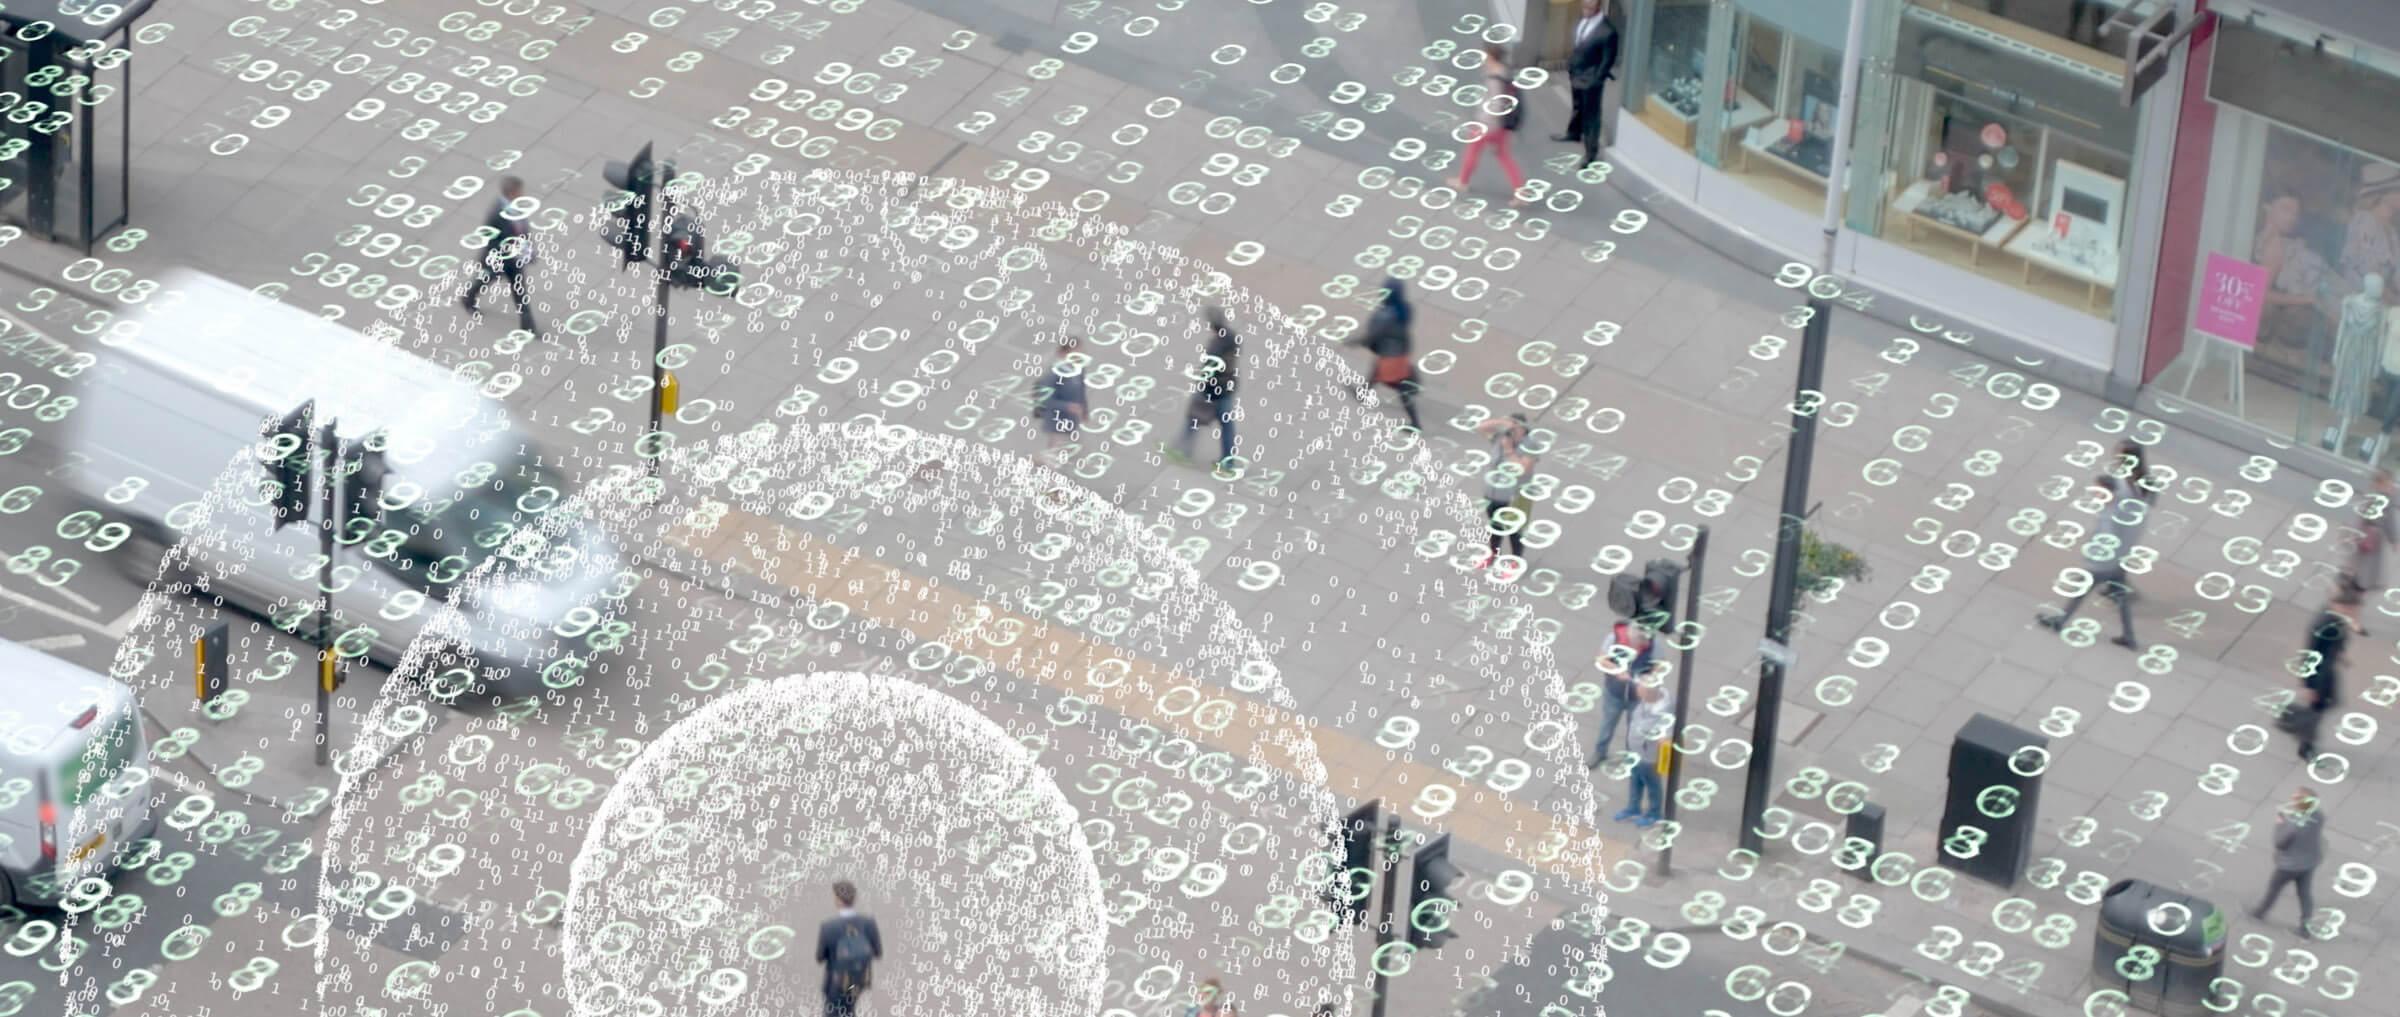 Code numérique superposé à l'image de la rue de la ville